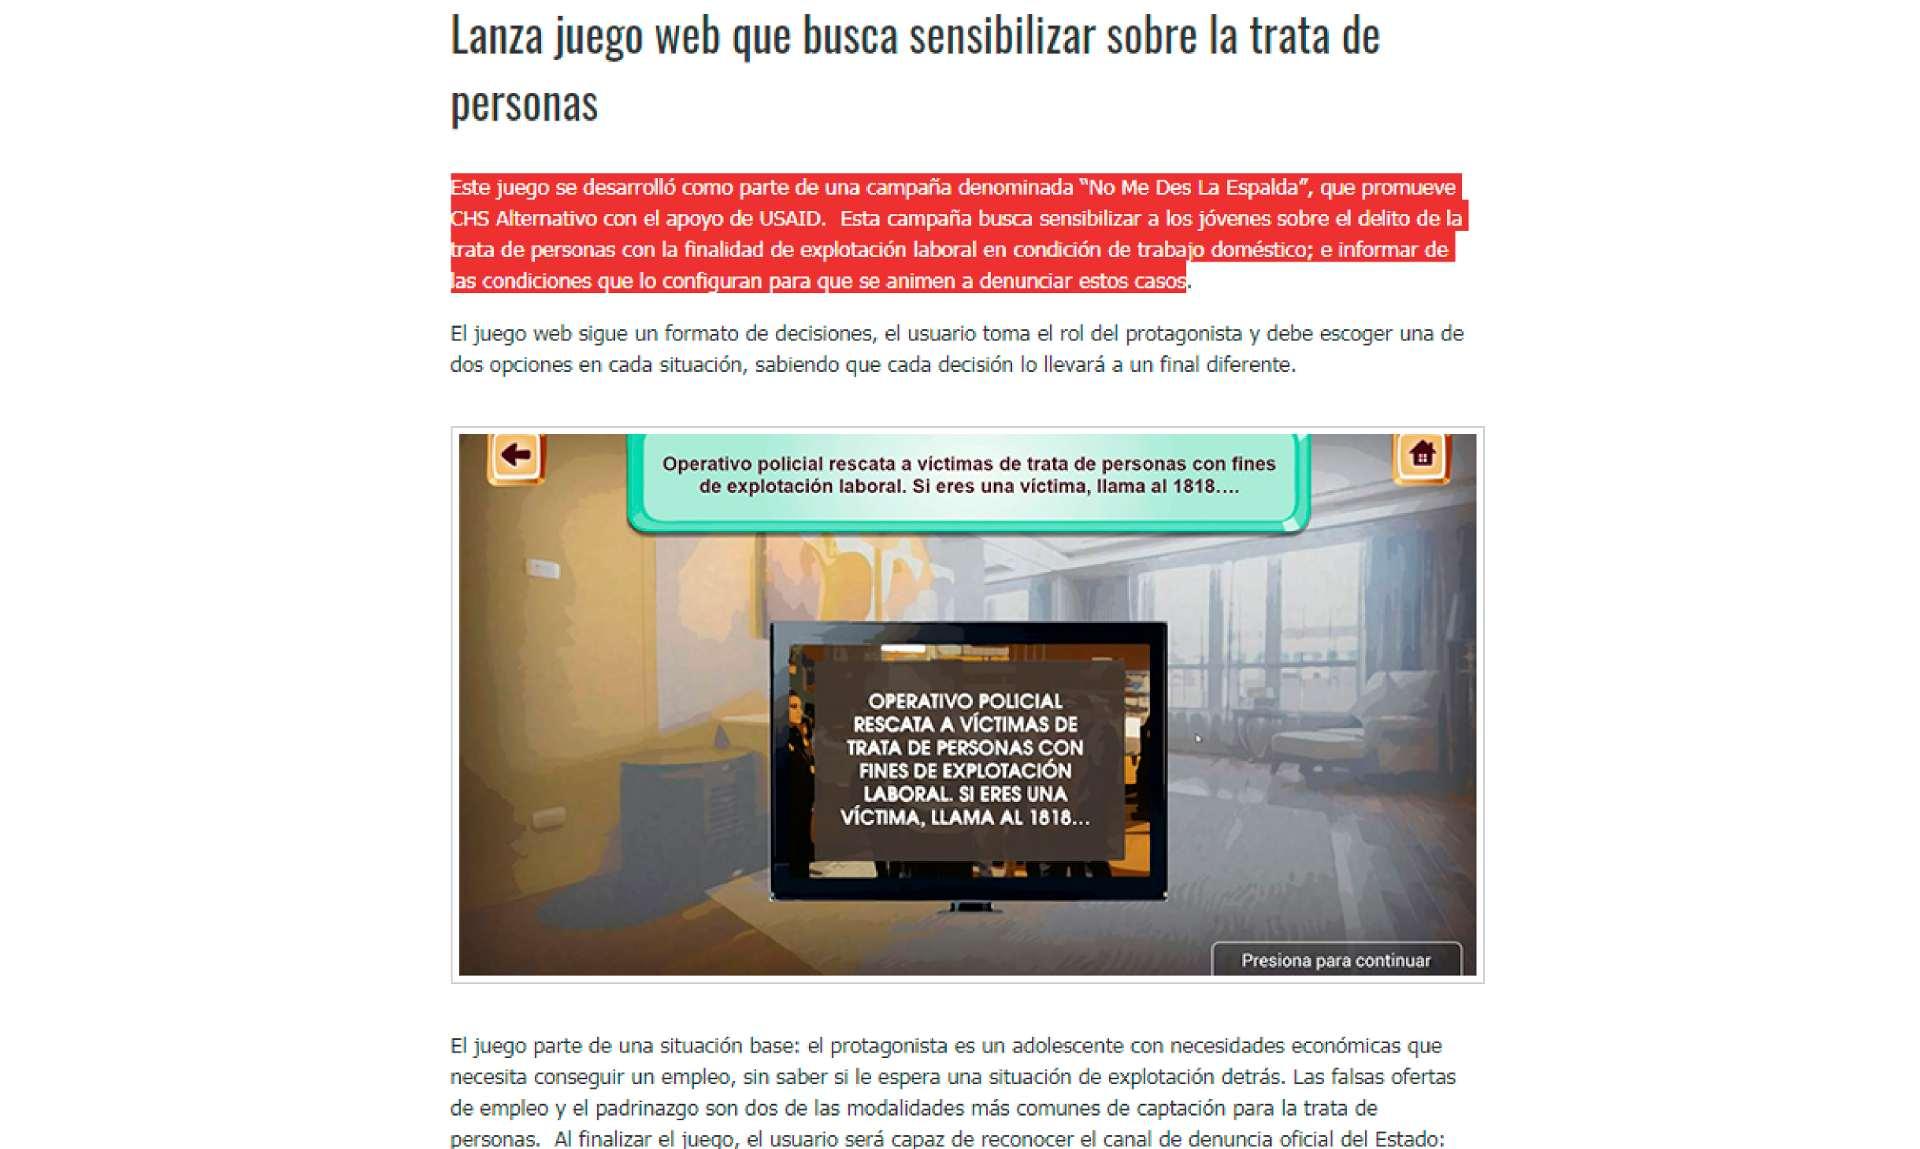 Lanza juego web que busca sensibilizar sobre la trata de personas